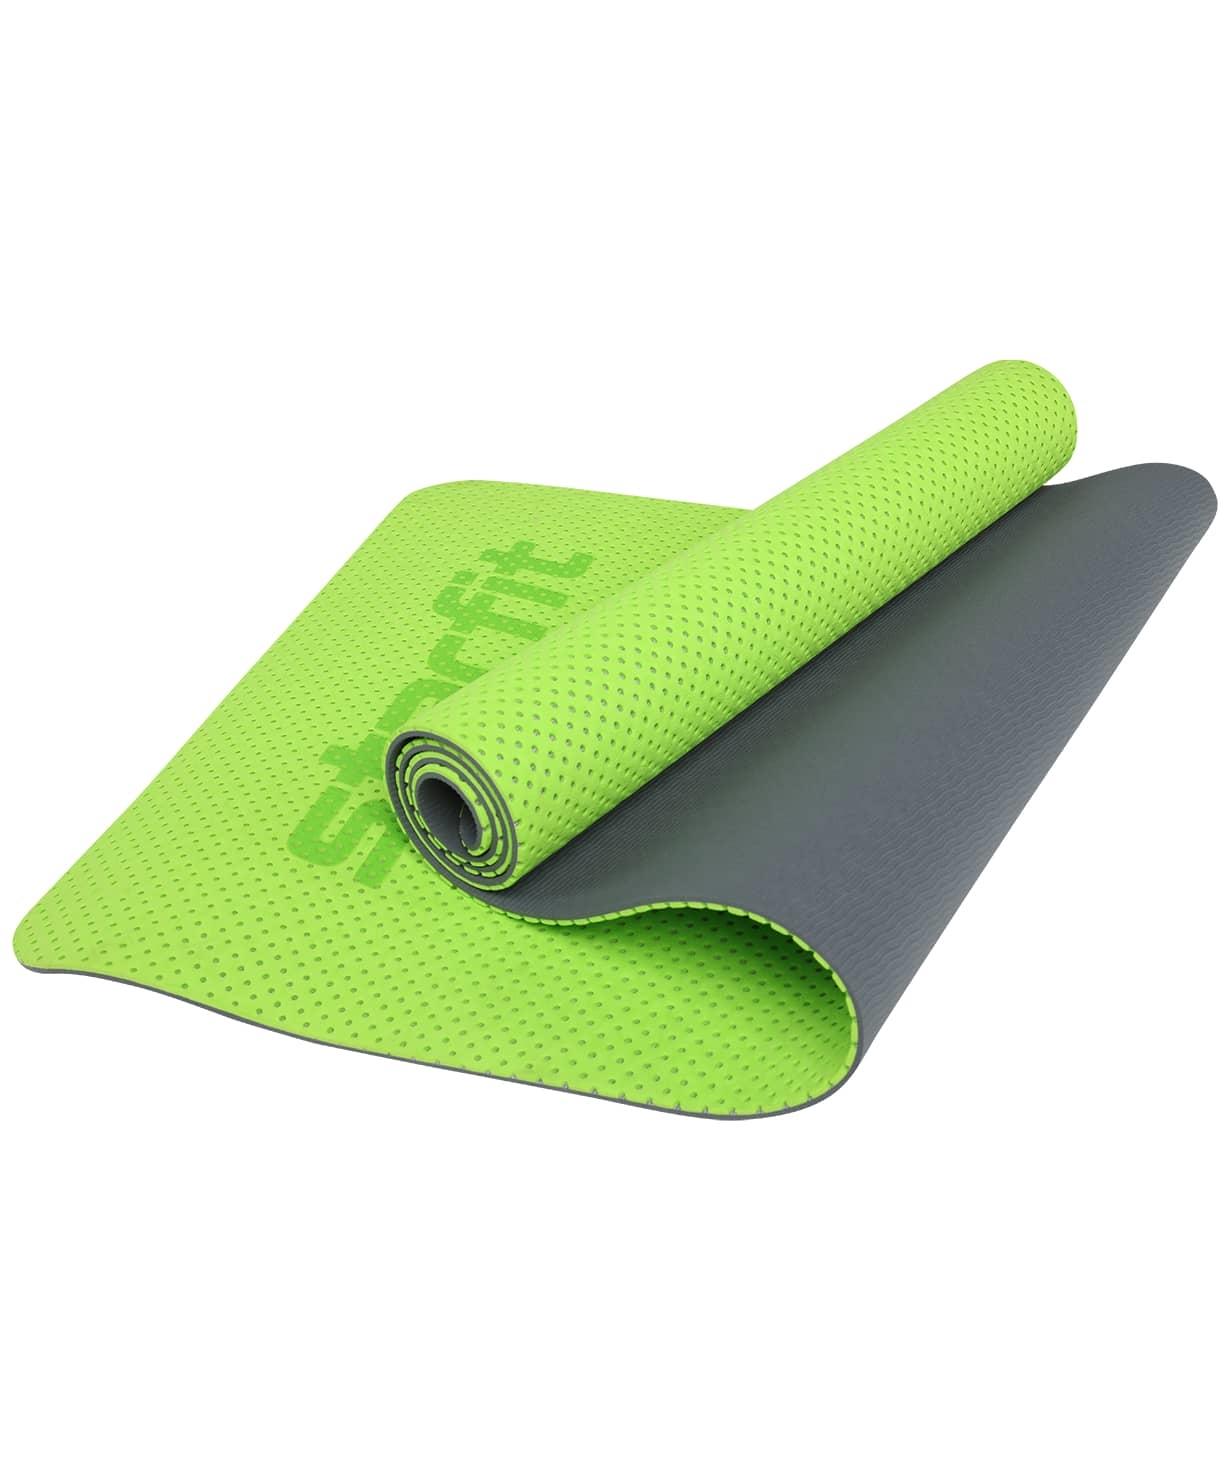 Коврик для фитнеса STARFIT FM-202 TPE 173x61x0,7 см, перфорированный, ярко-зеленый